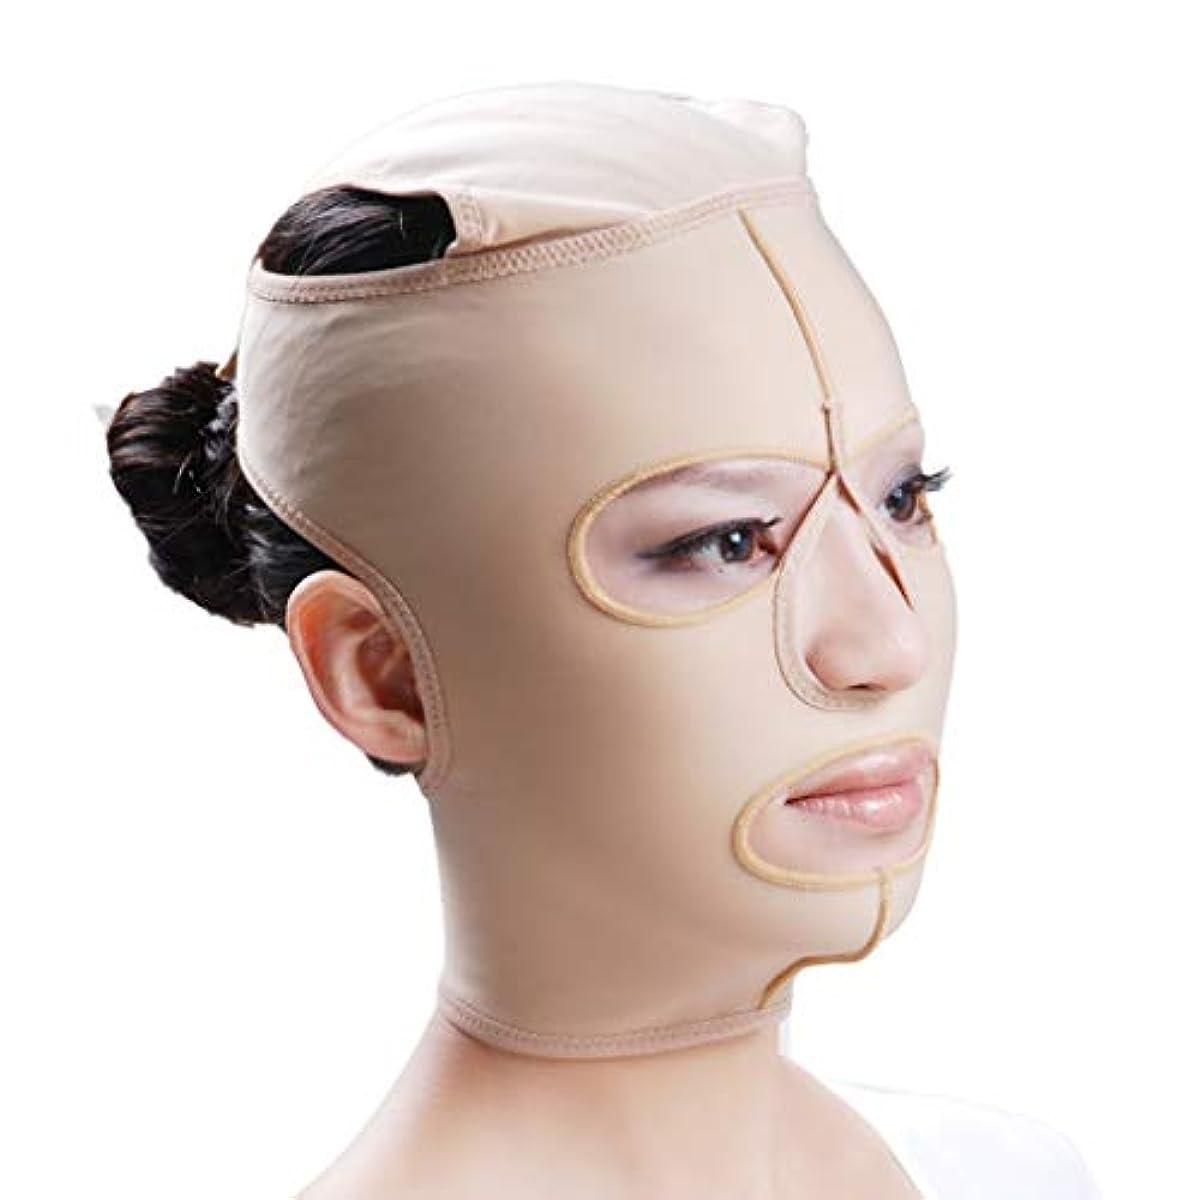 寝る賞仕様フェイスリフトマスク、フルフェイスマスク医療グレード圧力フェイスダブルチンプラスチック脂肪吸引術弾性包帯ヘッドギア後の顔の脂肪吸引術 (Size : L)